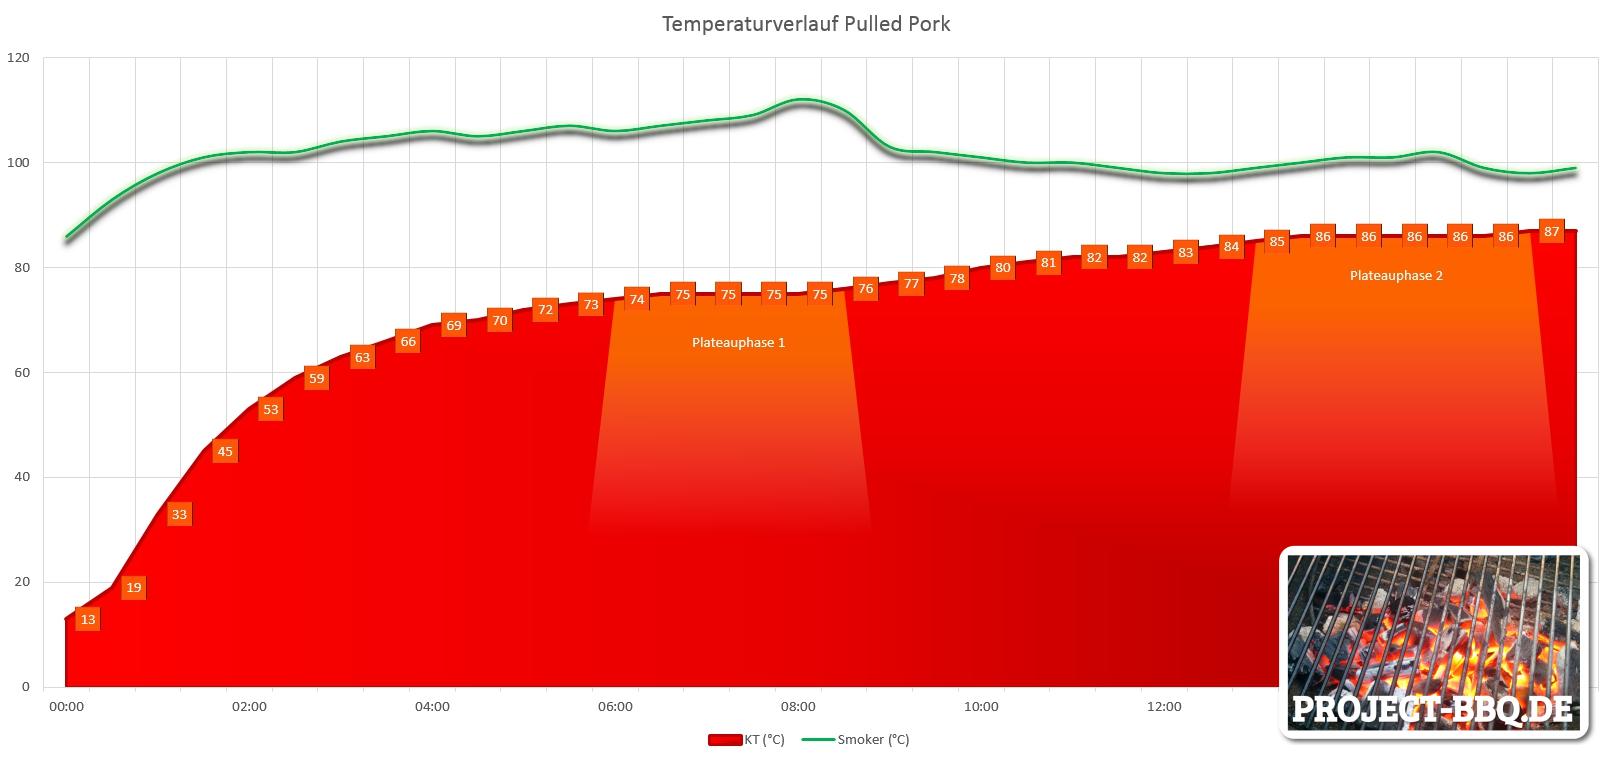 Temperaturverlauf während der Zubereitung